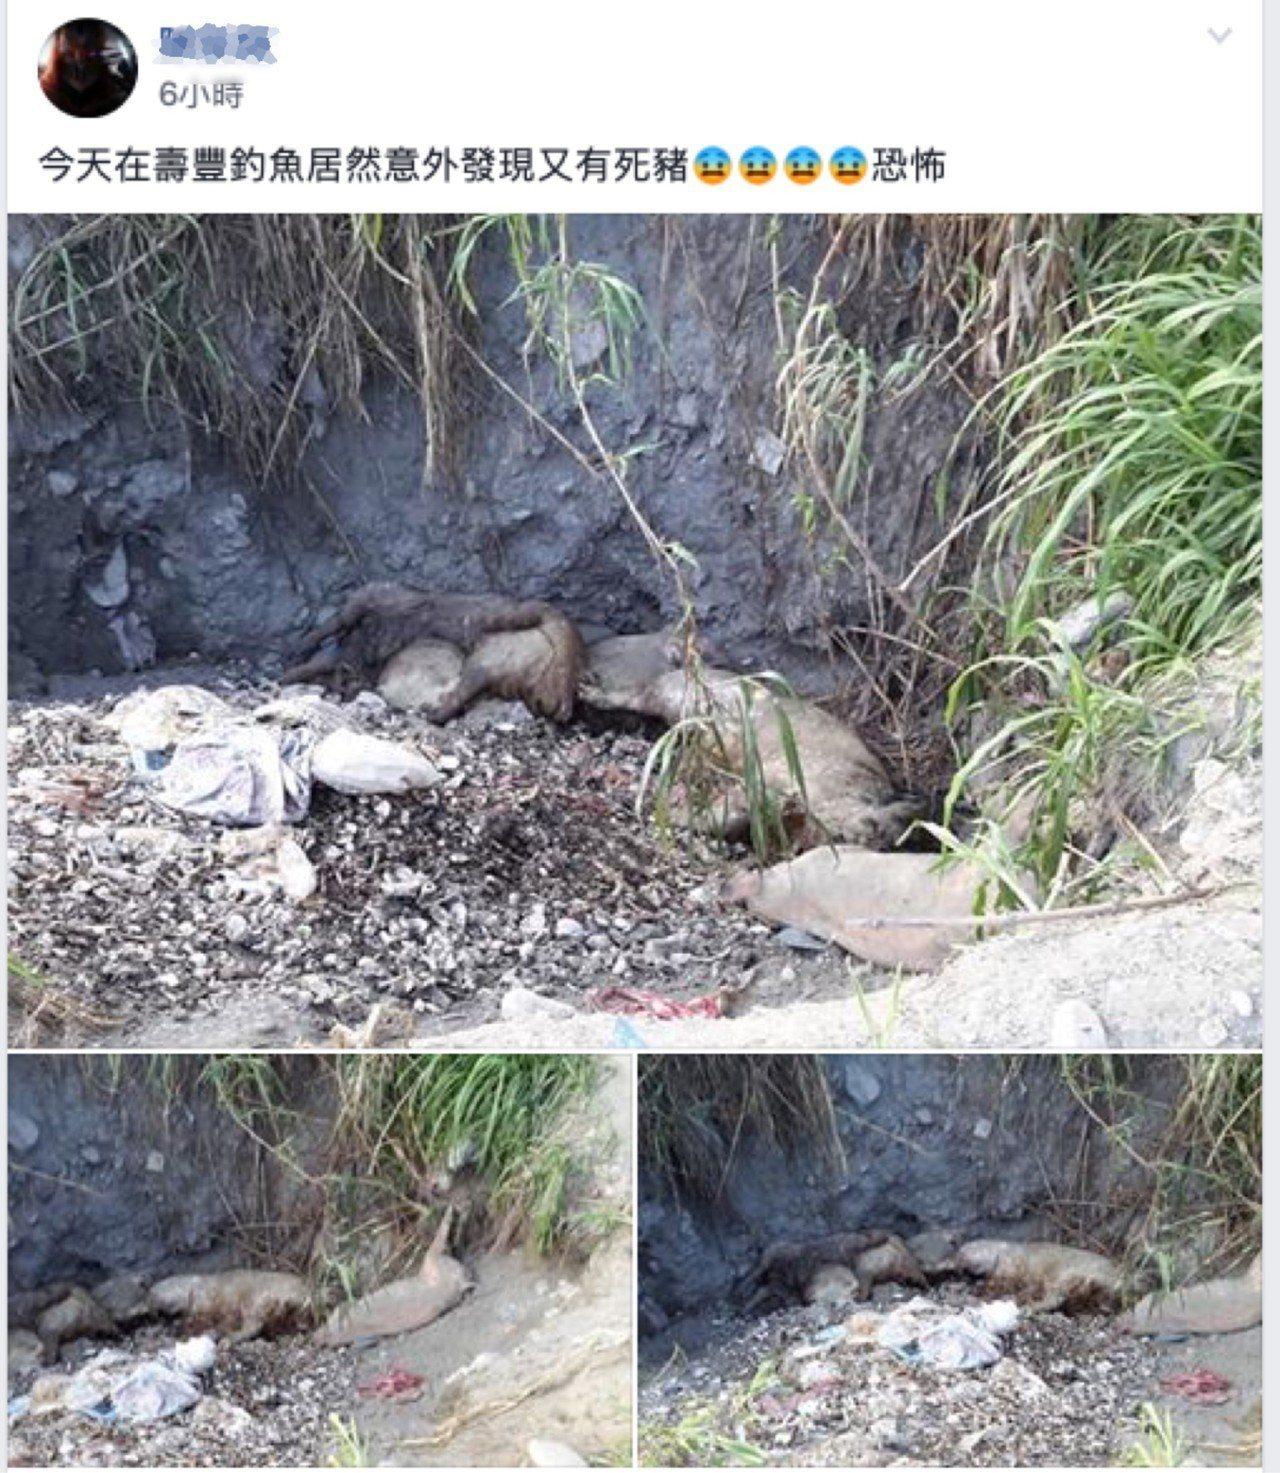 花蓮縣壽豐鄉今天下午有民眾釣魚時,在溪床發現病死豬。記者王燕華/翻攝